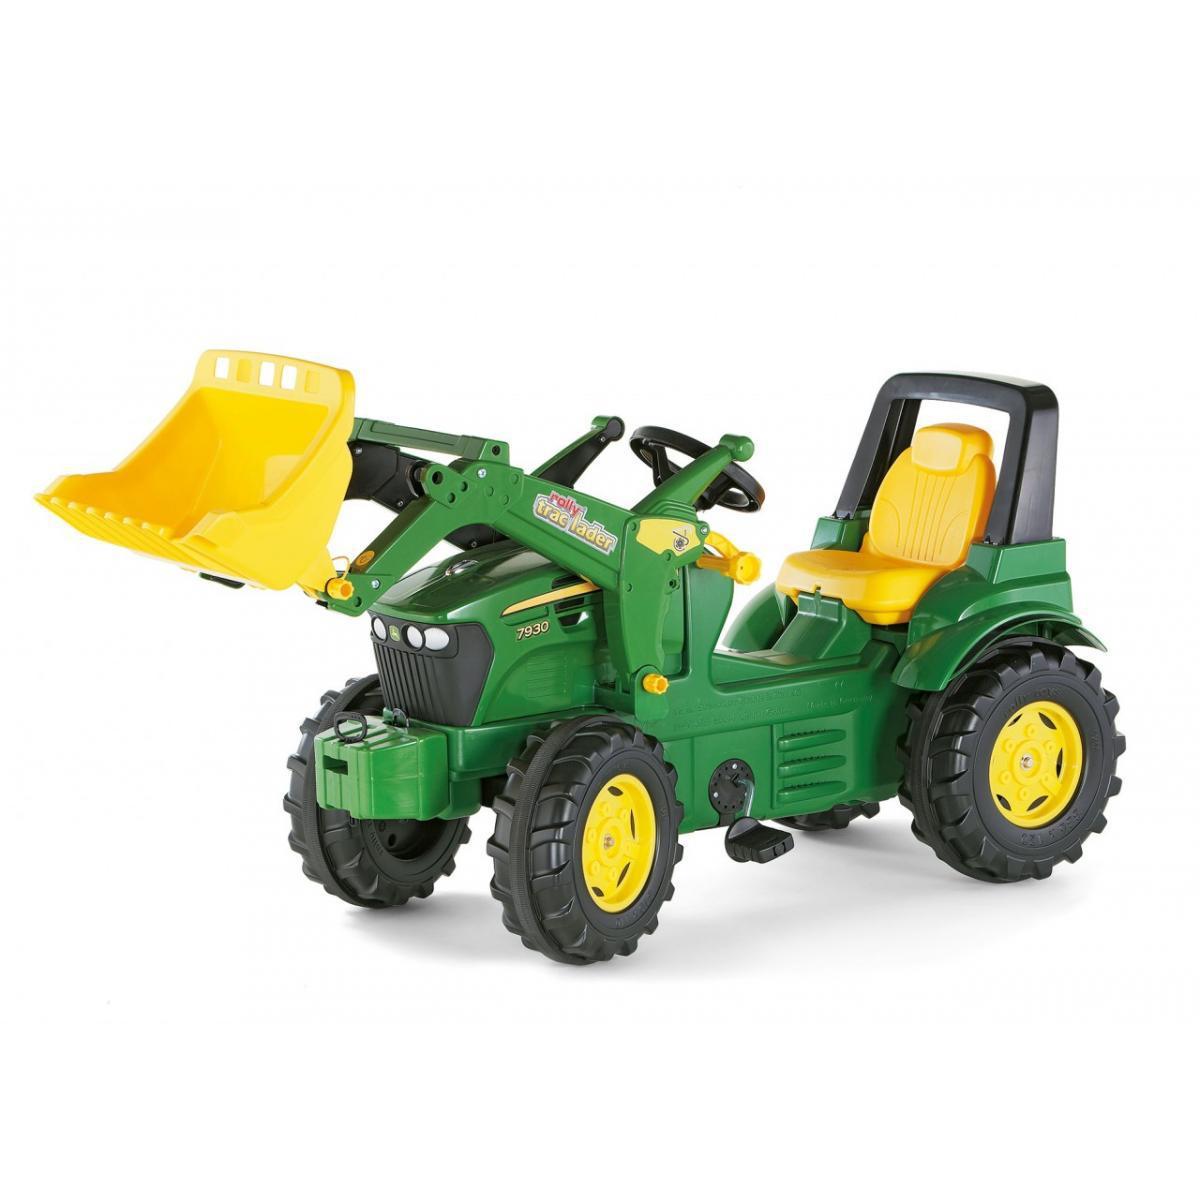 Rolly Toys Rolly Toys Tracteur a pédales rollyFarmtrac John Deere 7930